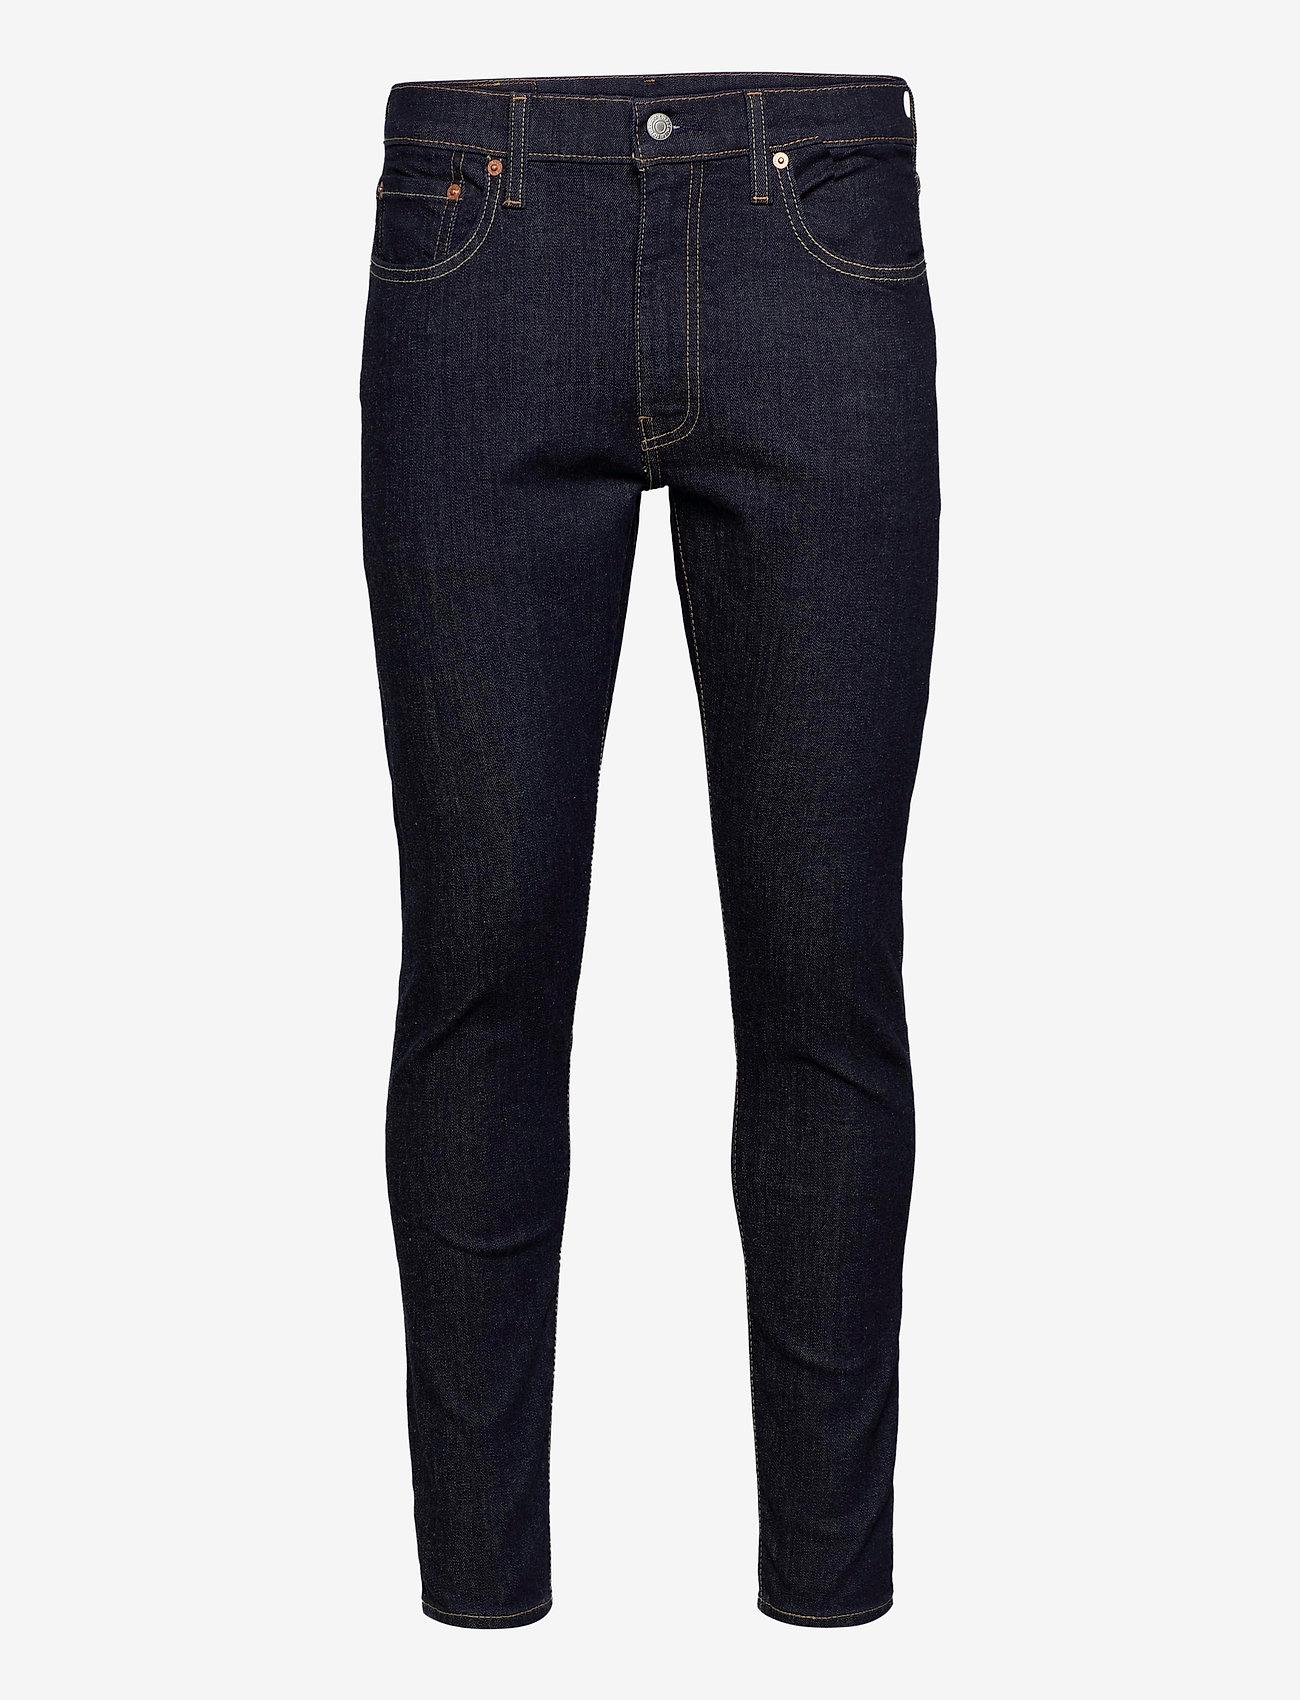 LEVI´S Men - SKINNY TAPER CLEANER ADV - skinny jeans - dark indigo - flat finish - 0